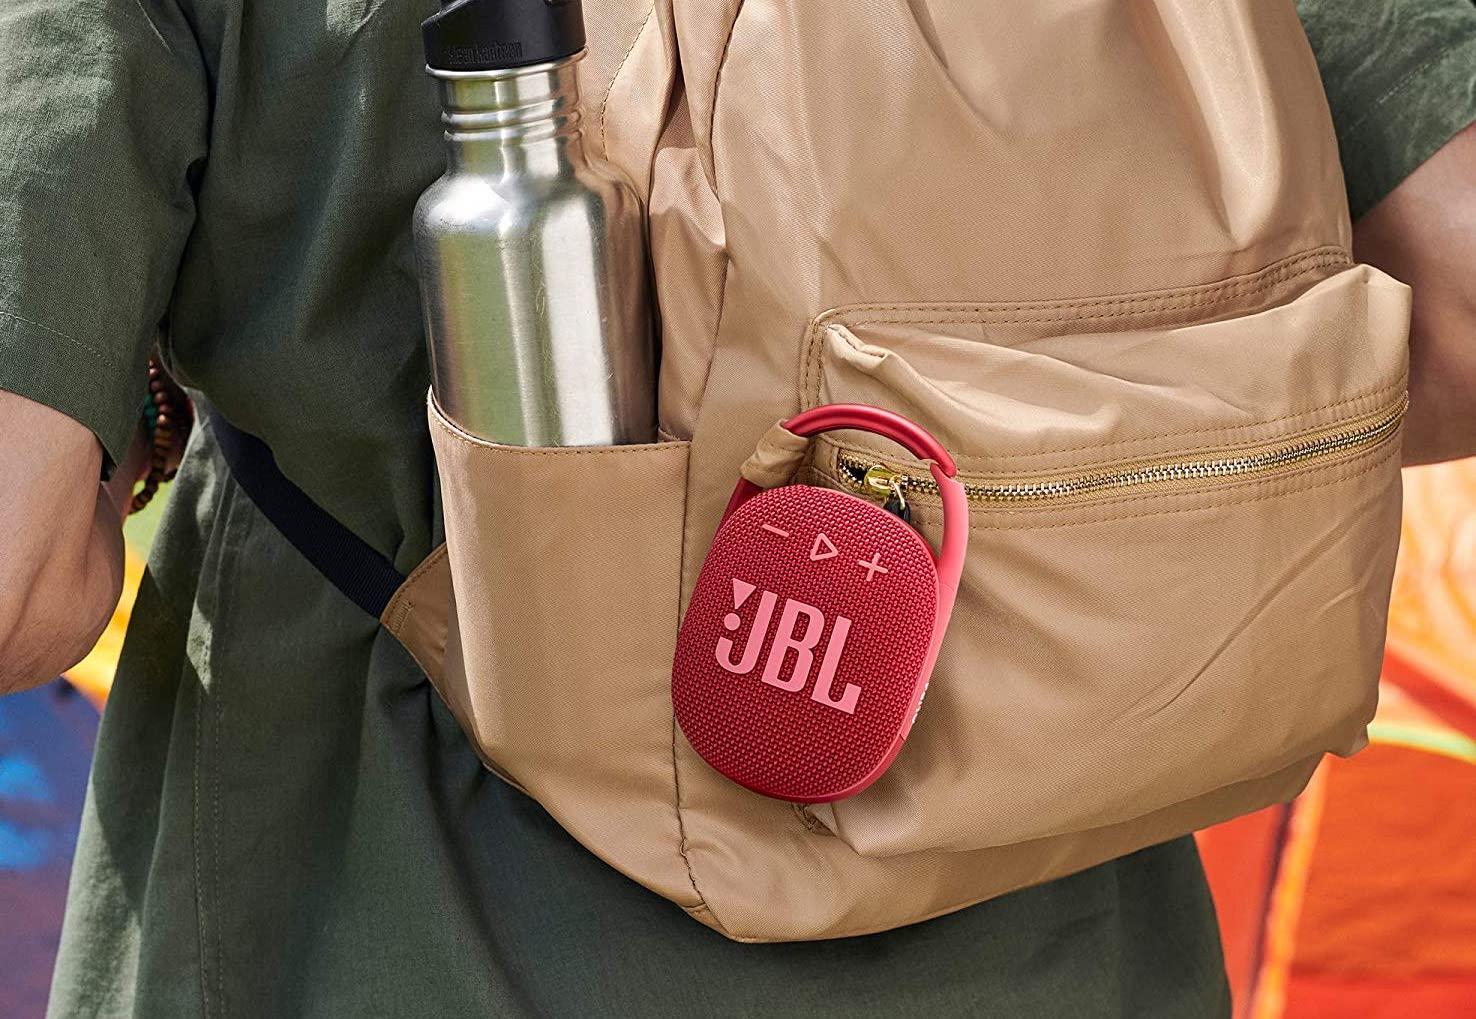 JBL Clip 4